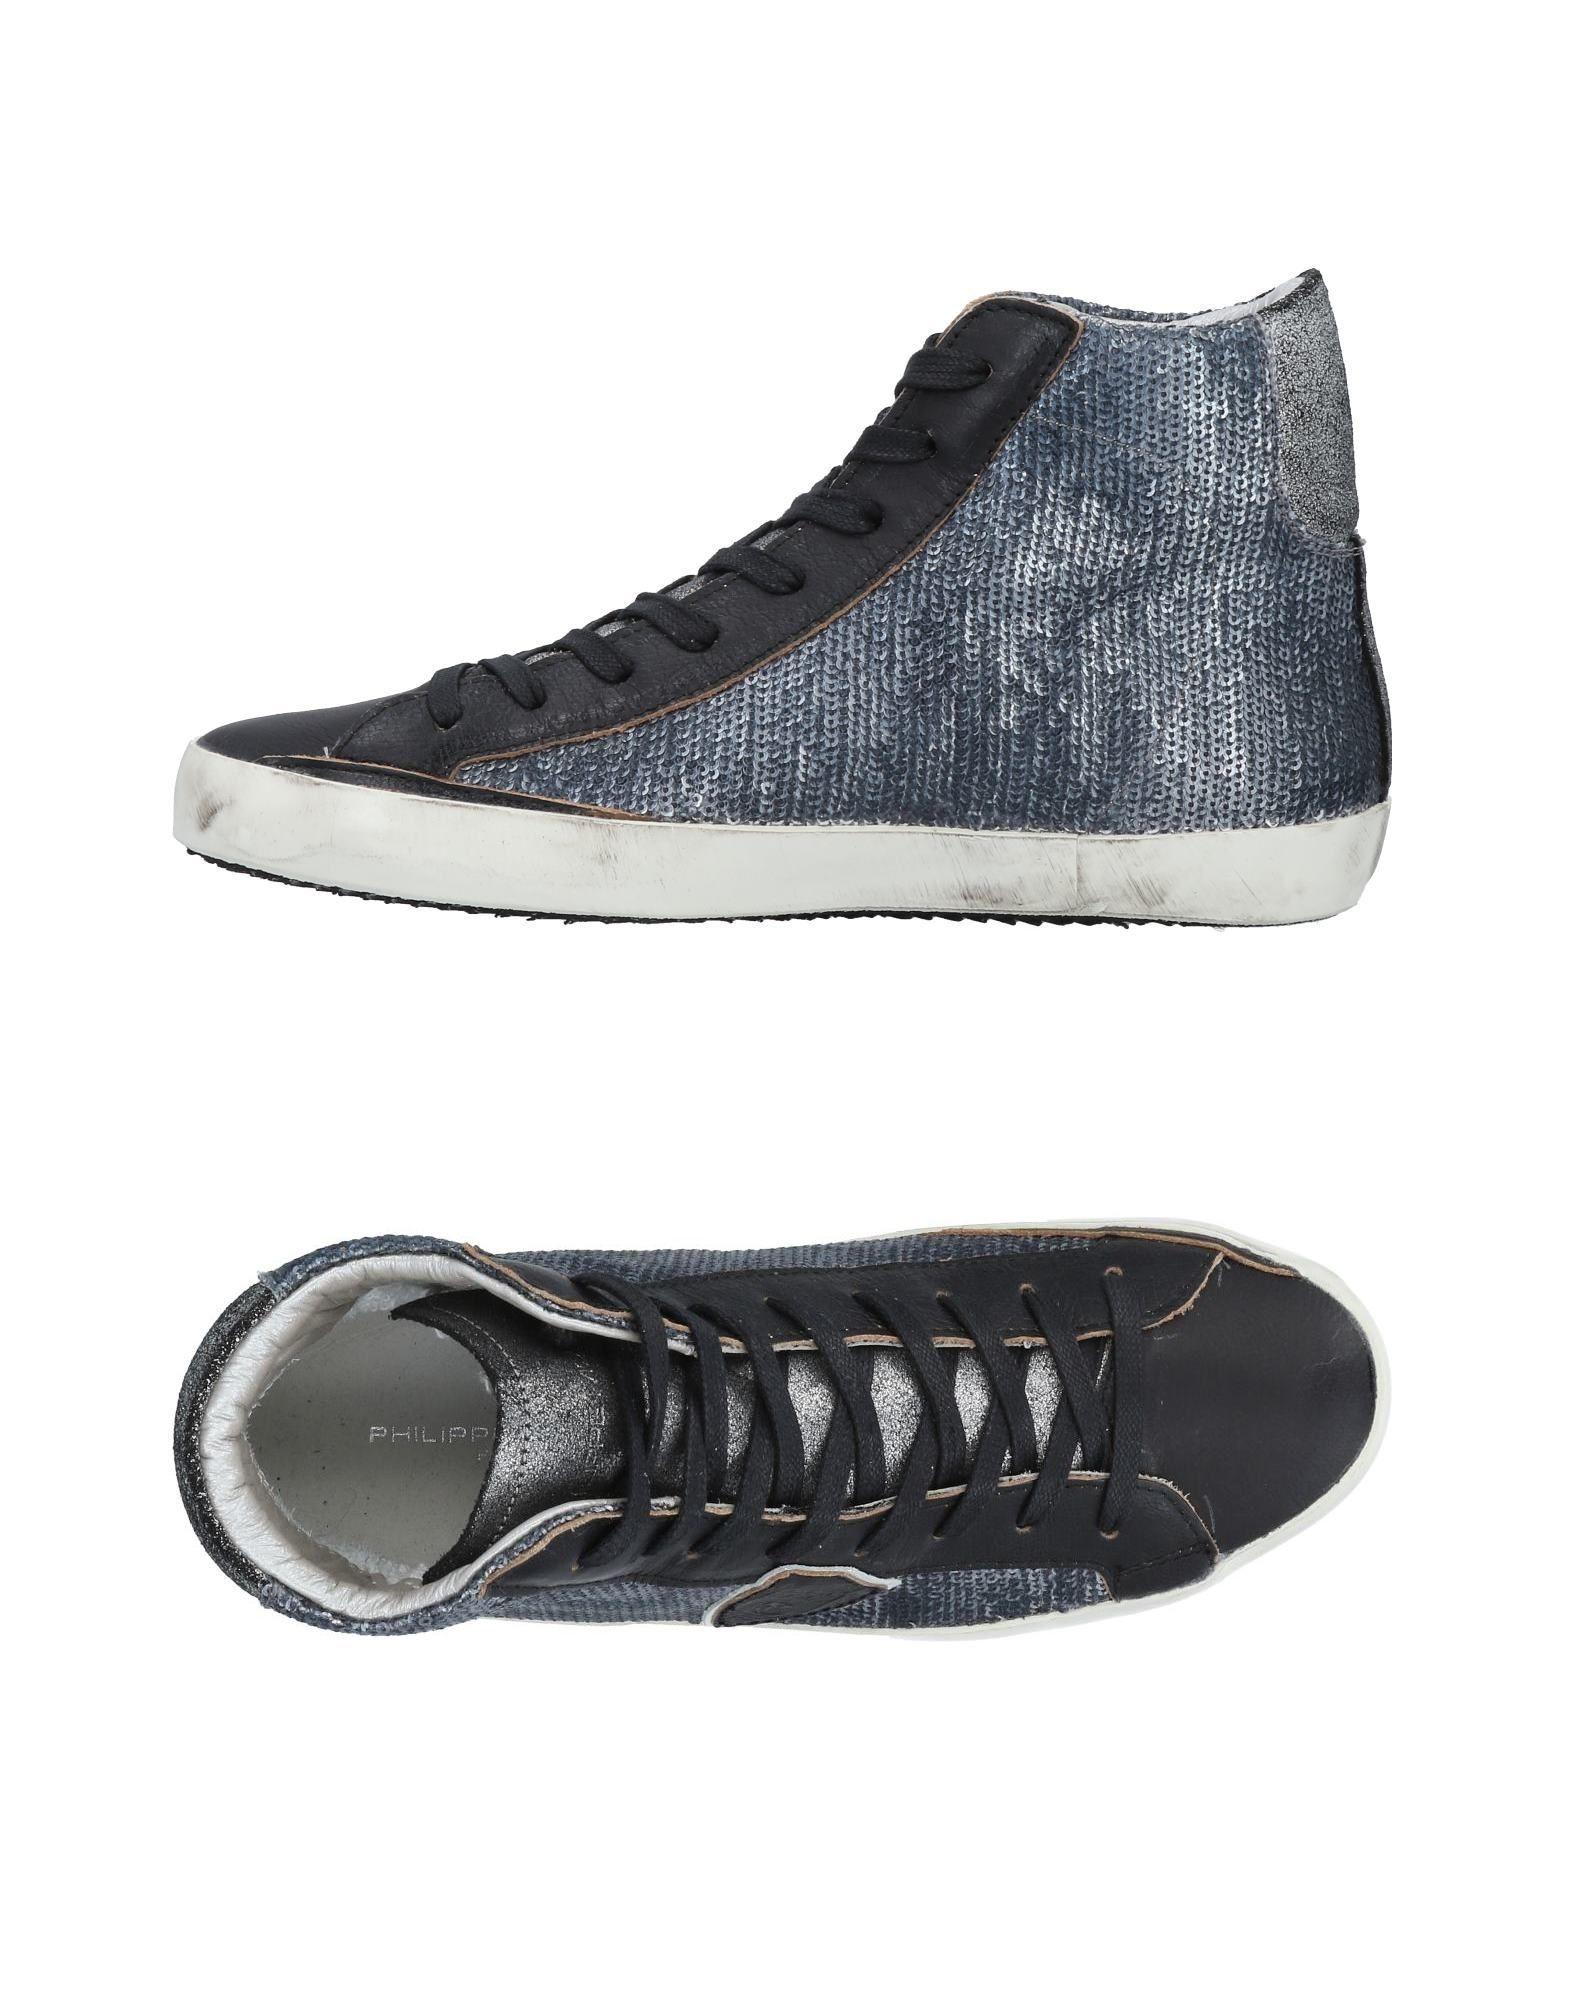 Moda barata y hermosa Mujer Zapatillas Philippe Model Mujer hermosa - Zapatillas Philippe Model  Azul oscuro 6f3589